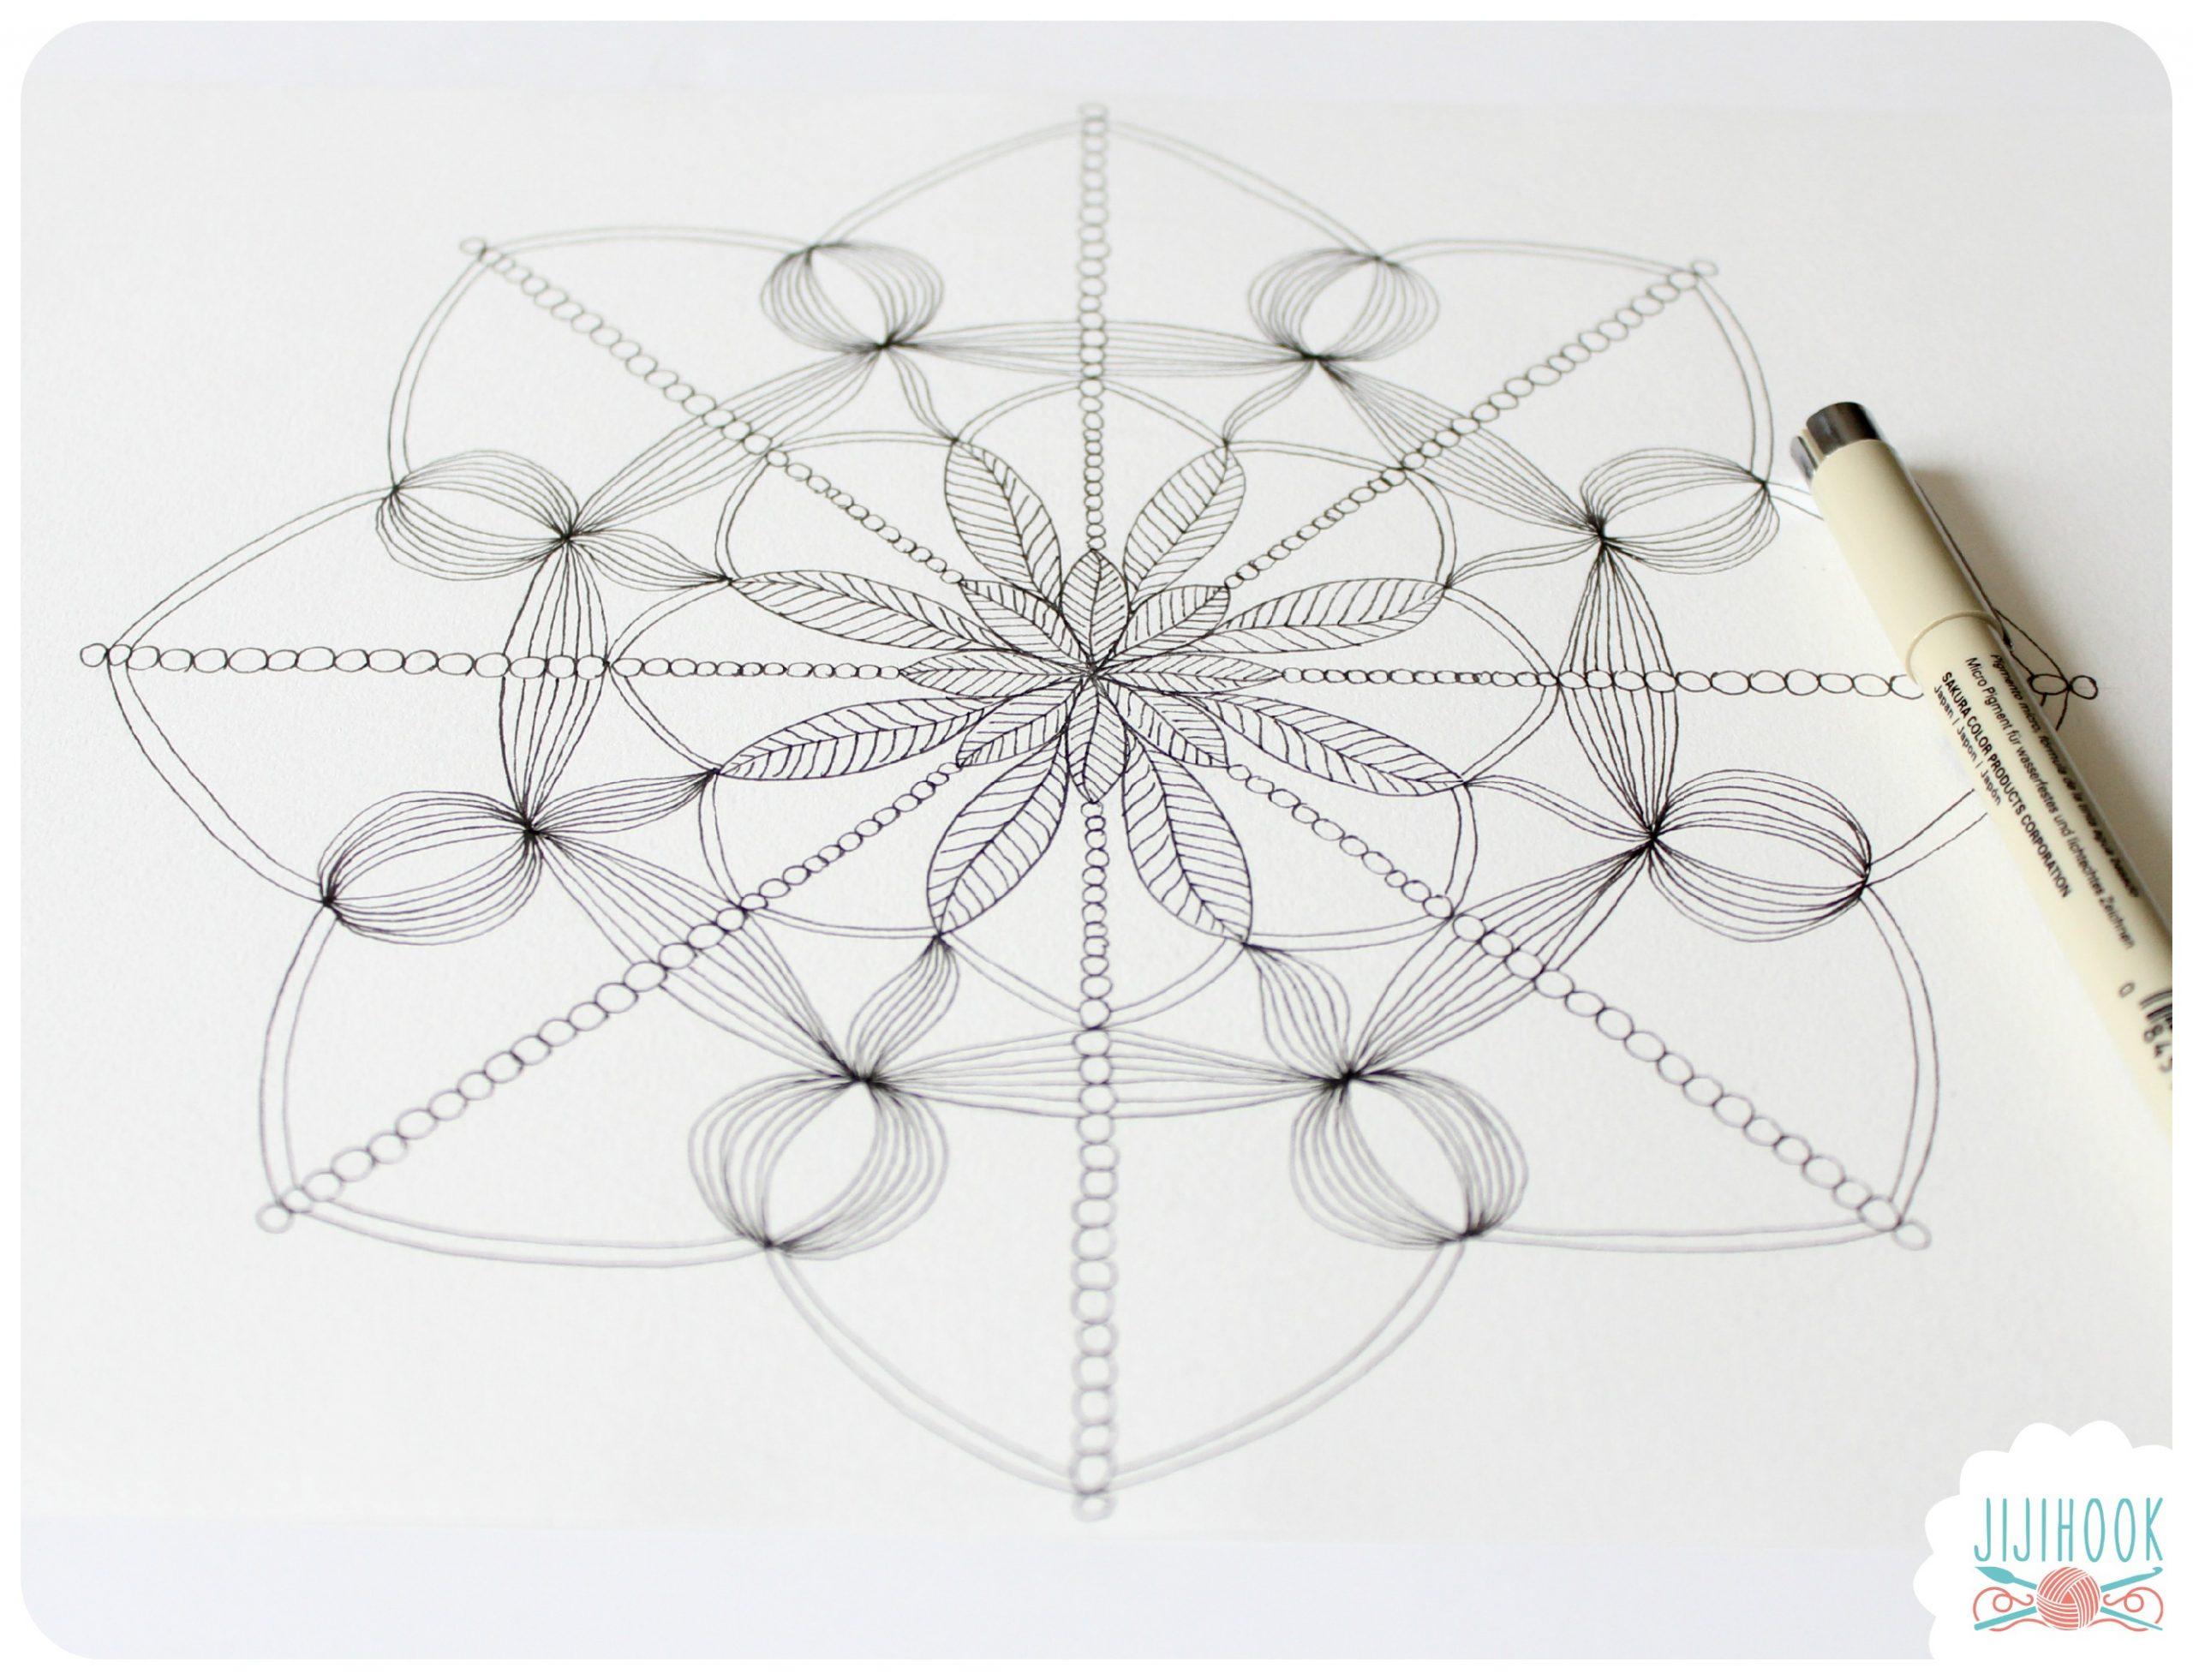 Mandalas À Colorier - Jiji Hook pour Dessiner Un Mandala